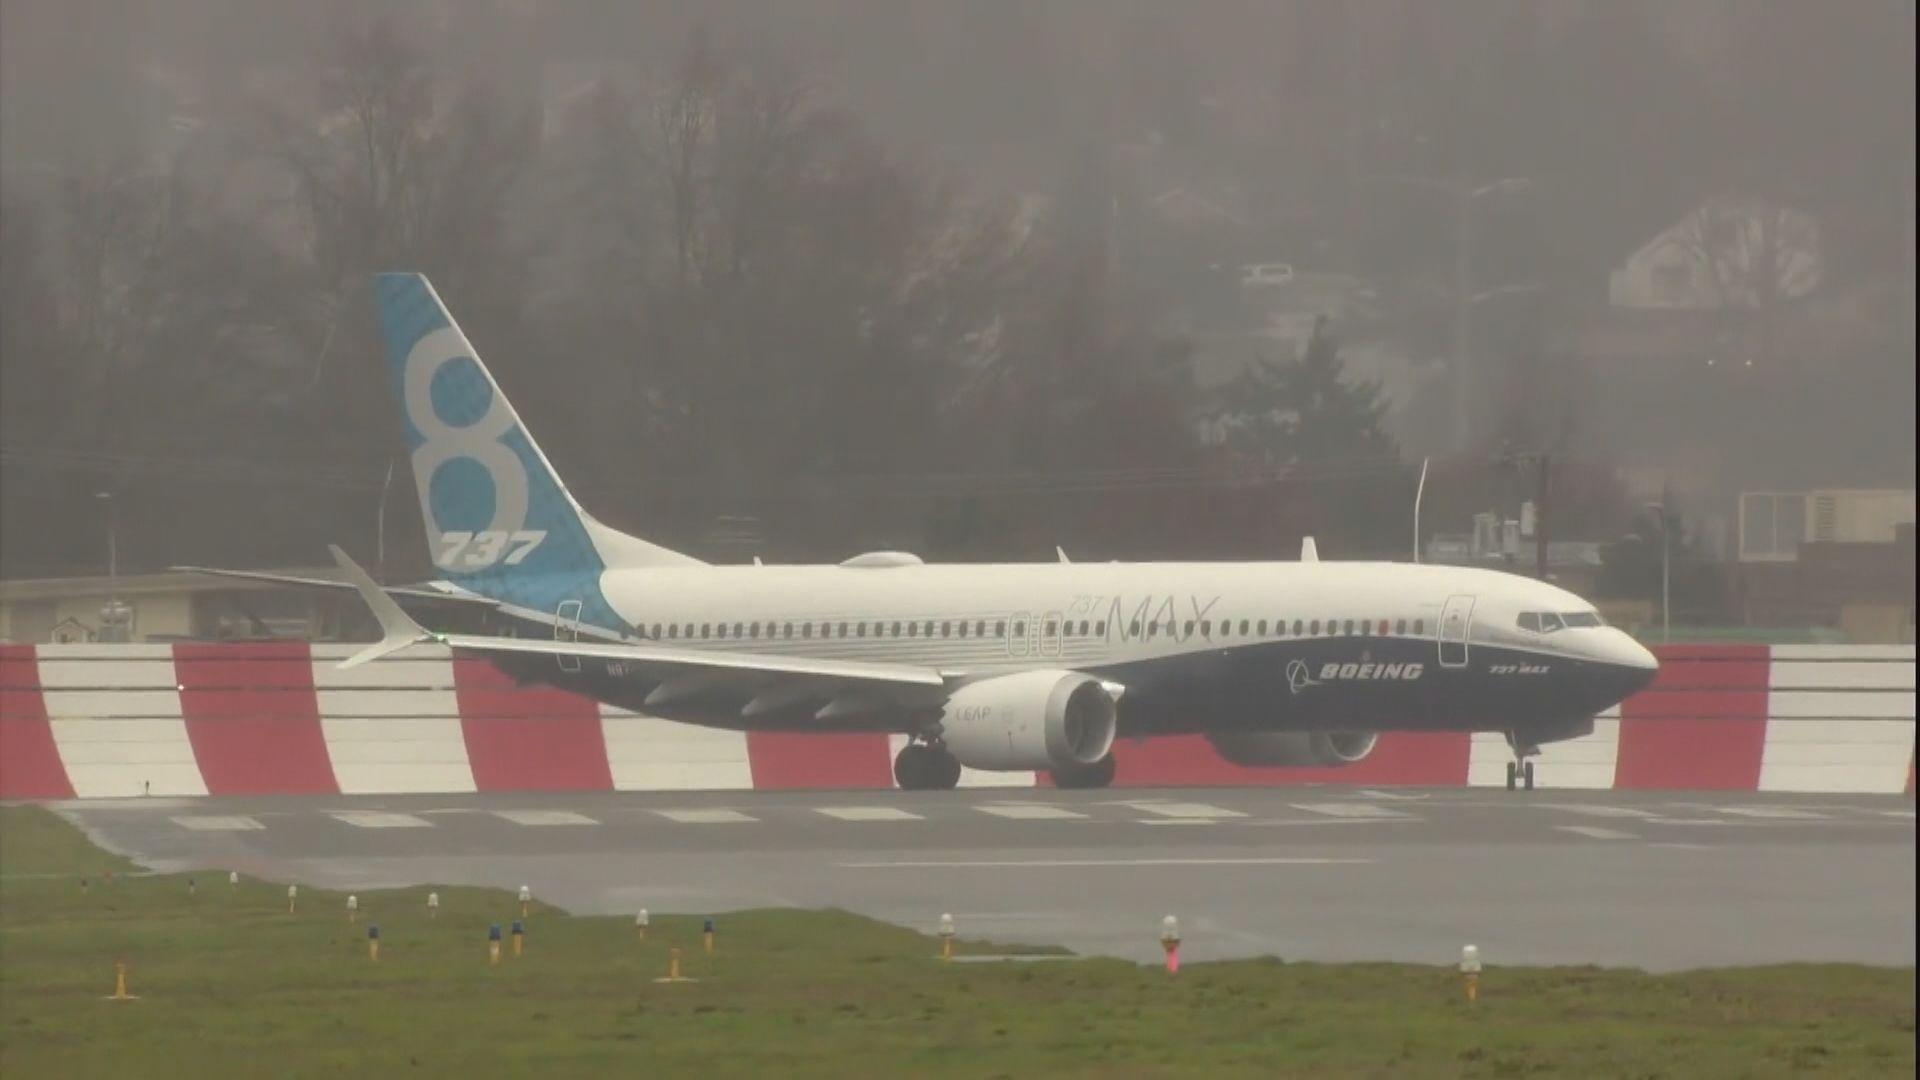 印尼獅航空難 報告指客機設計缺陷導致意外